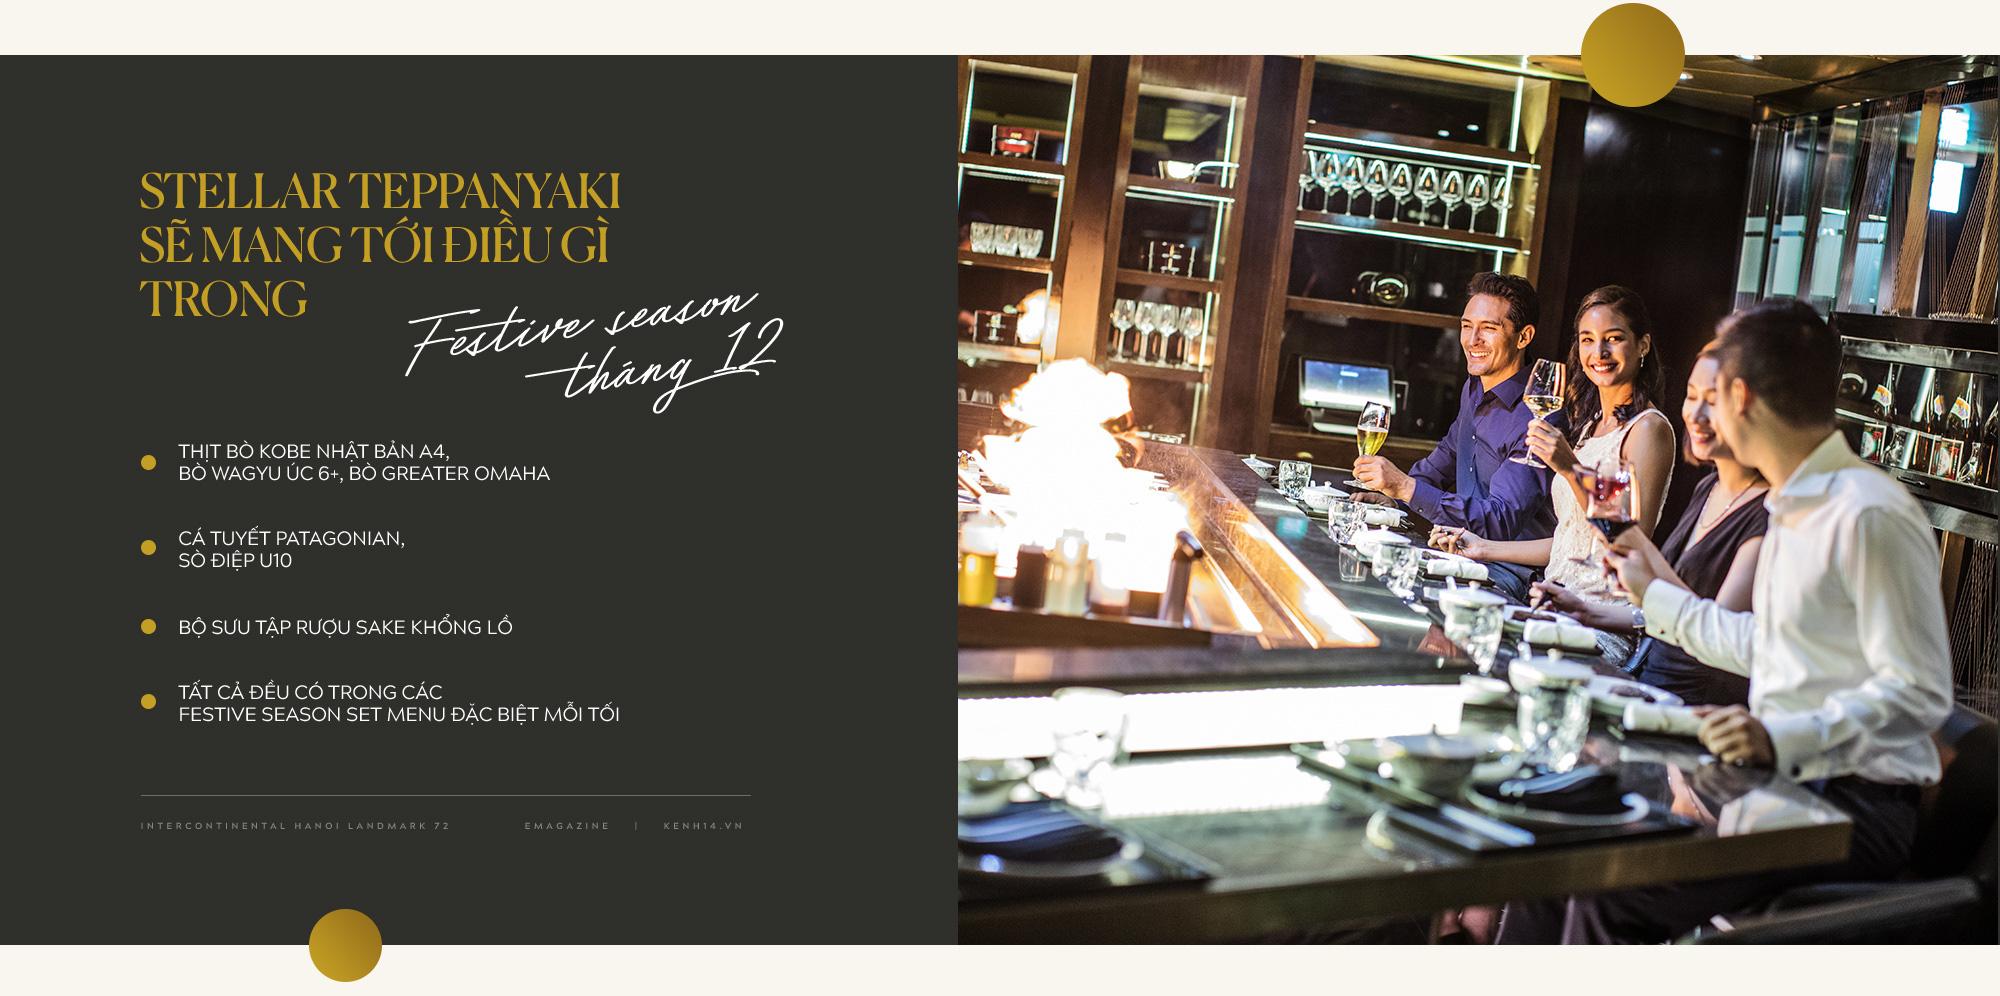 """""""Bữa tiệc trên mây"""" mùa lễ hội: Nâng tầm trải nghiệm ẩm thực với mọi giác quan tại InterContinental Hanoi Landmark72 - Ảnh 14."""